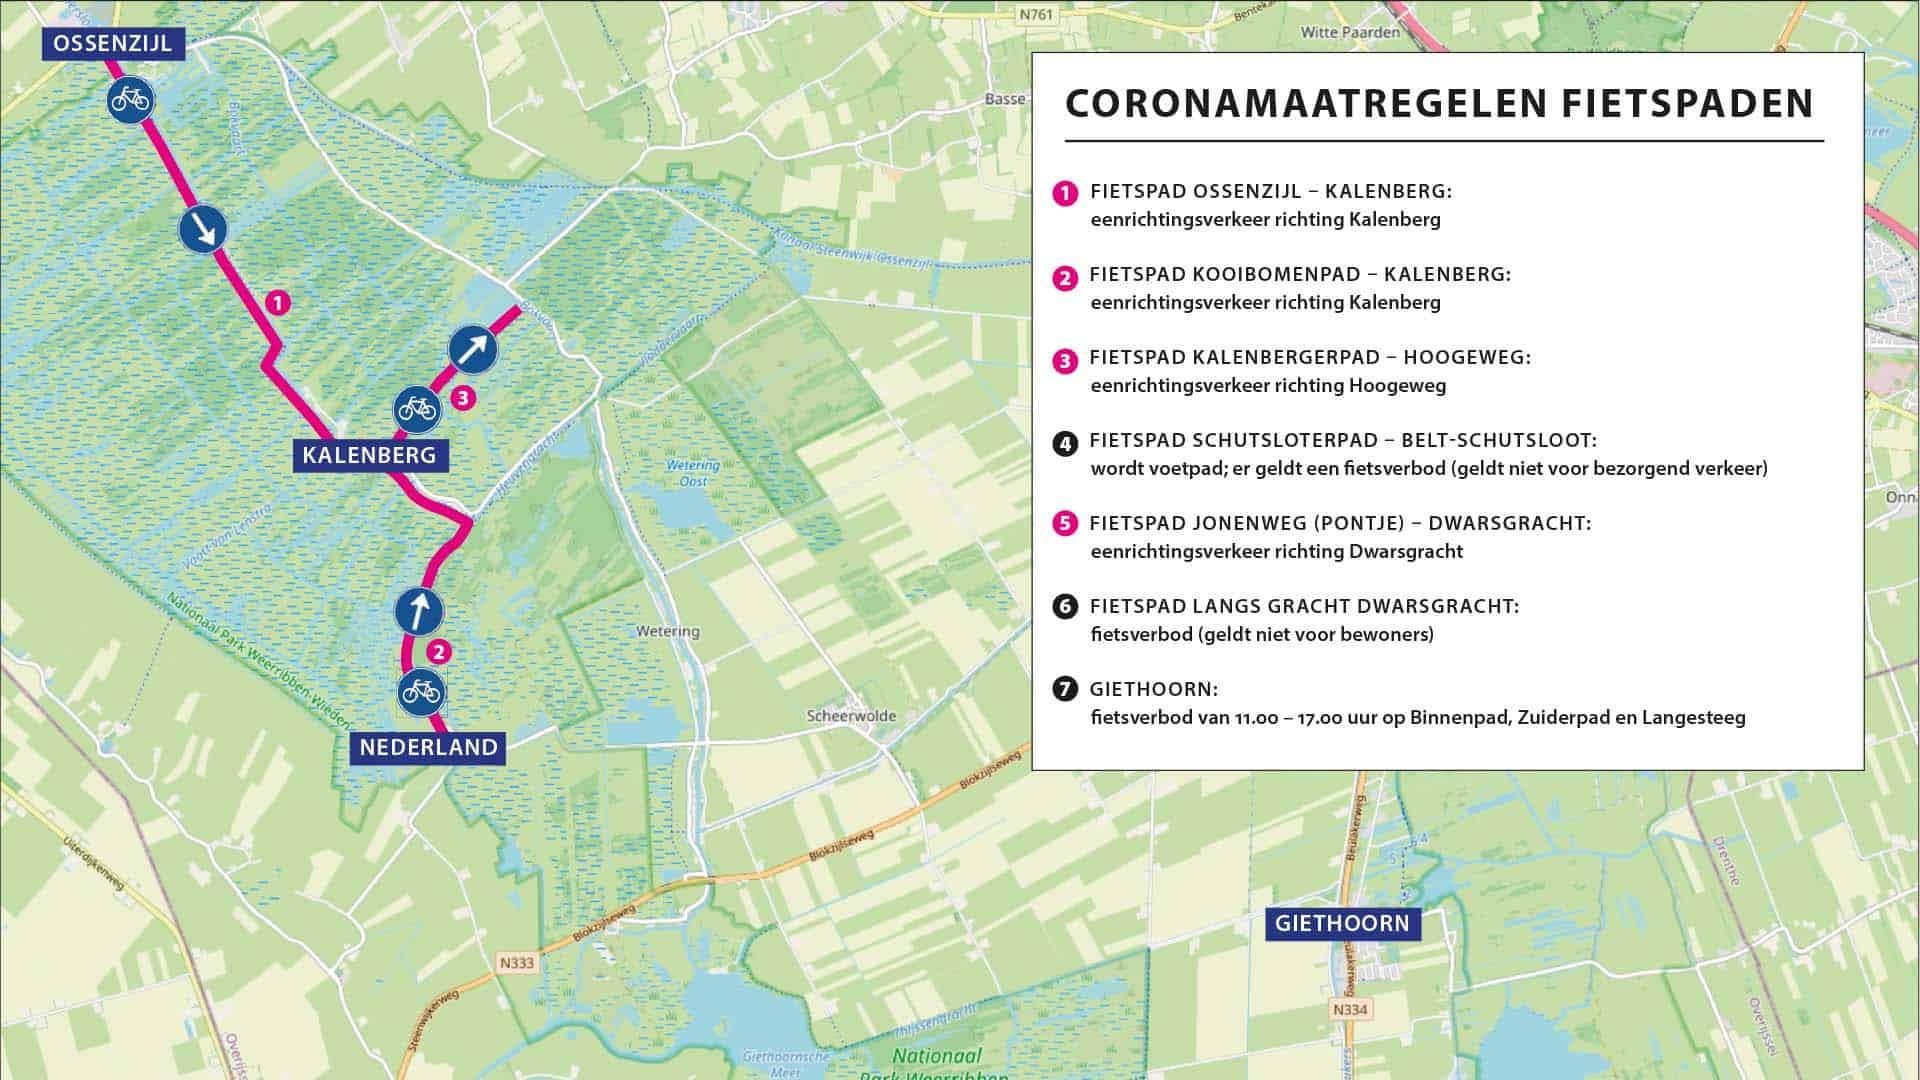 Kaart maatregelen corona fietspaden